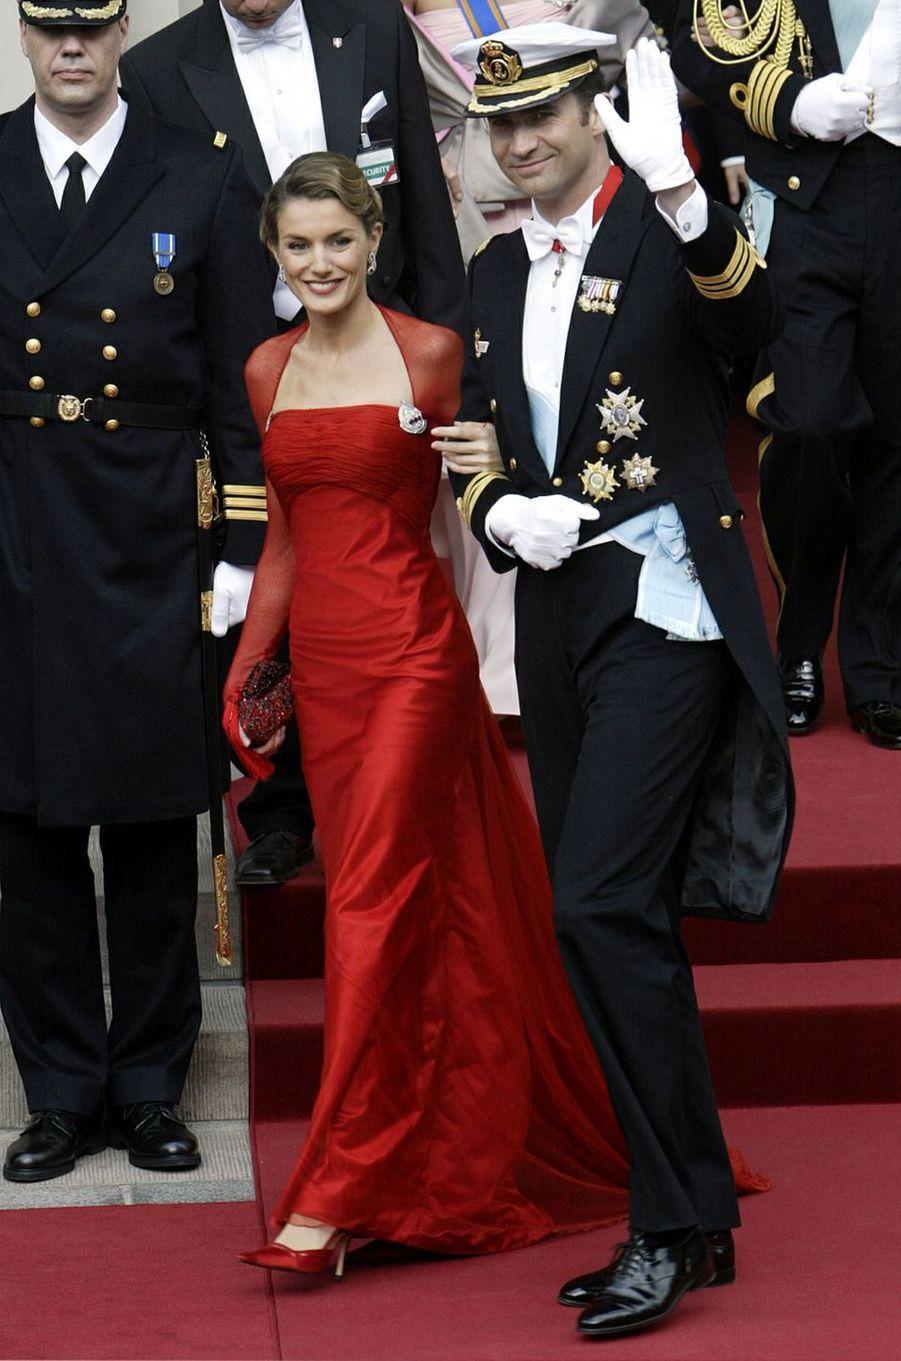 Letizia Ortiz et son fiancé le prince Felipe d'Espagne, le 14 mai 2004